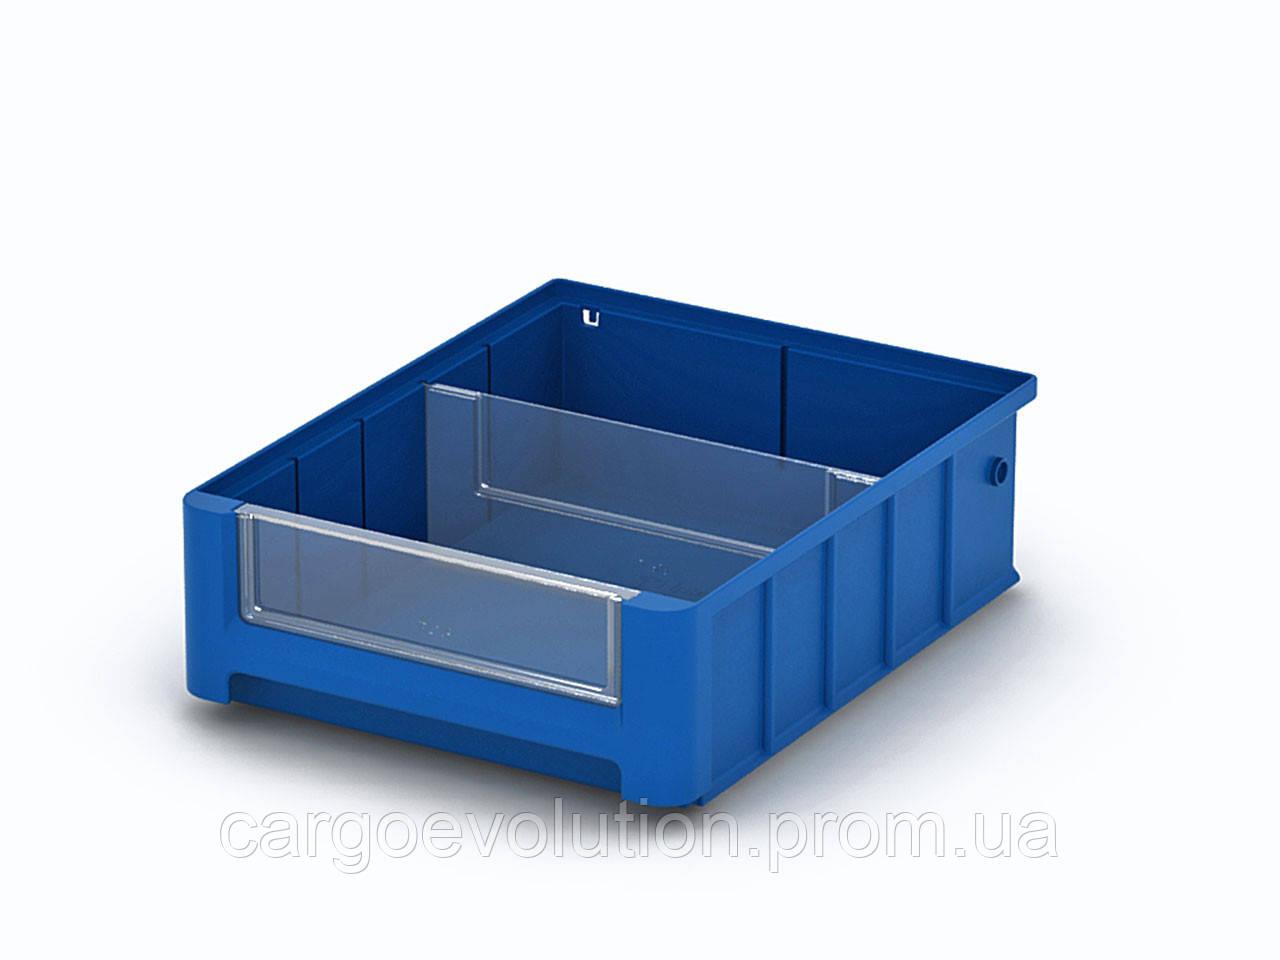 Полочный пластиковый контейнер SK 300x234x90